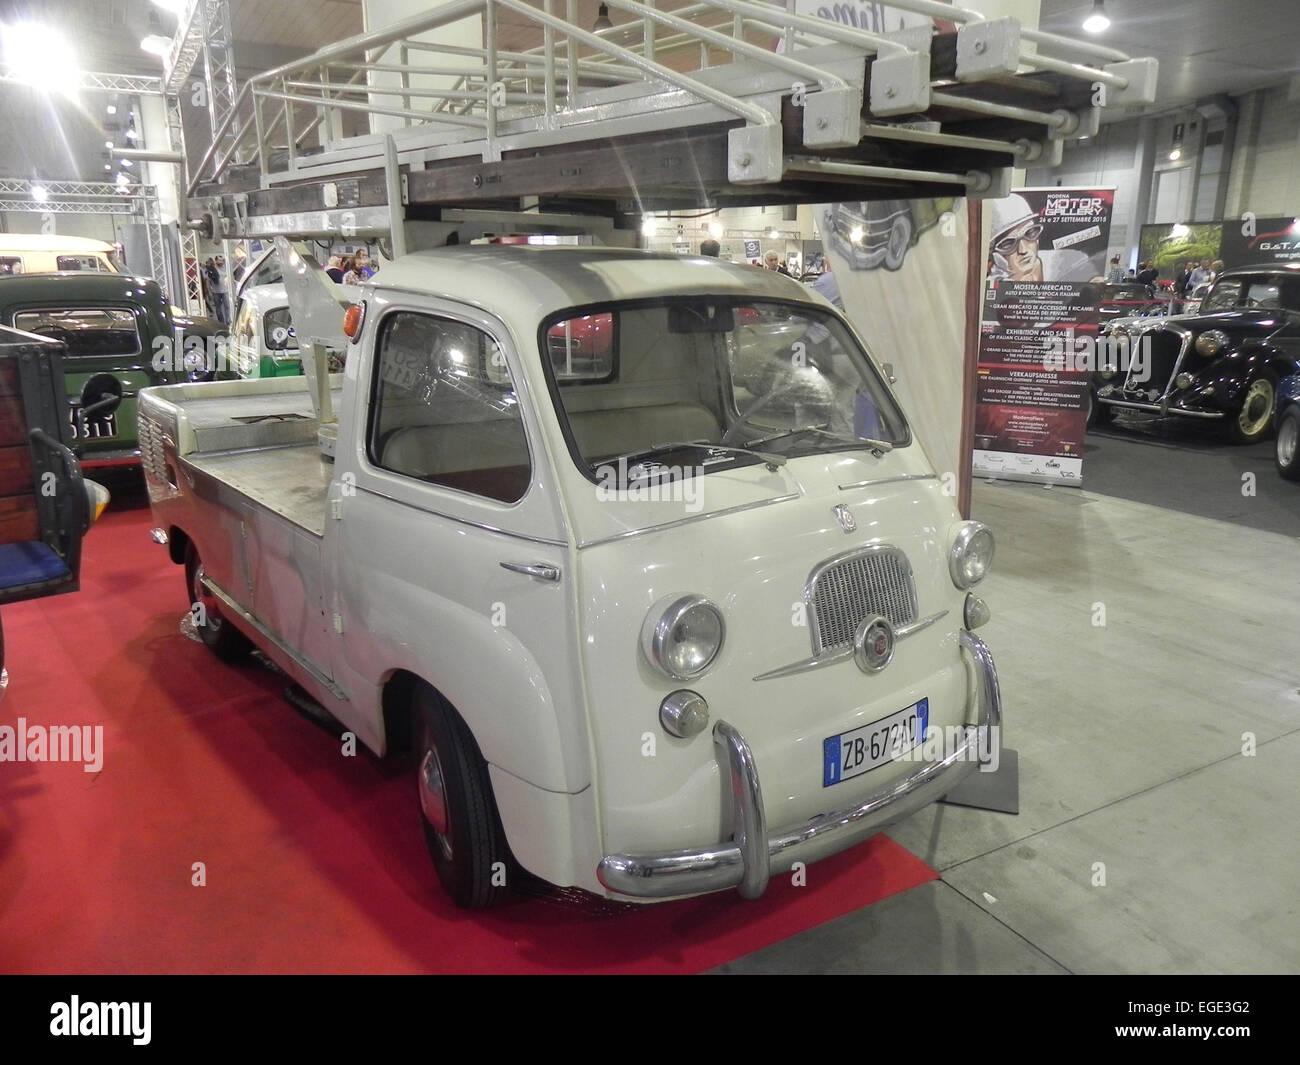 Rare Car Show Stock Photos Rare Car Show Stock Images Alamy - Mercato car show